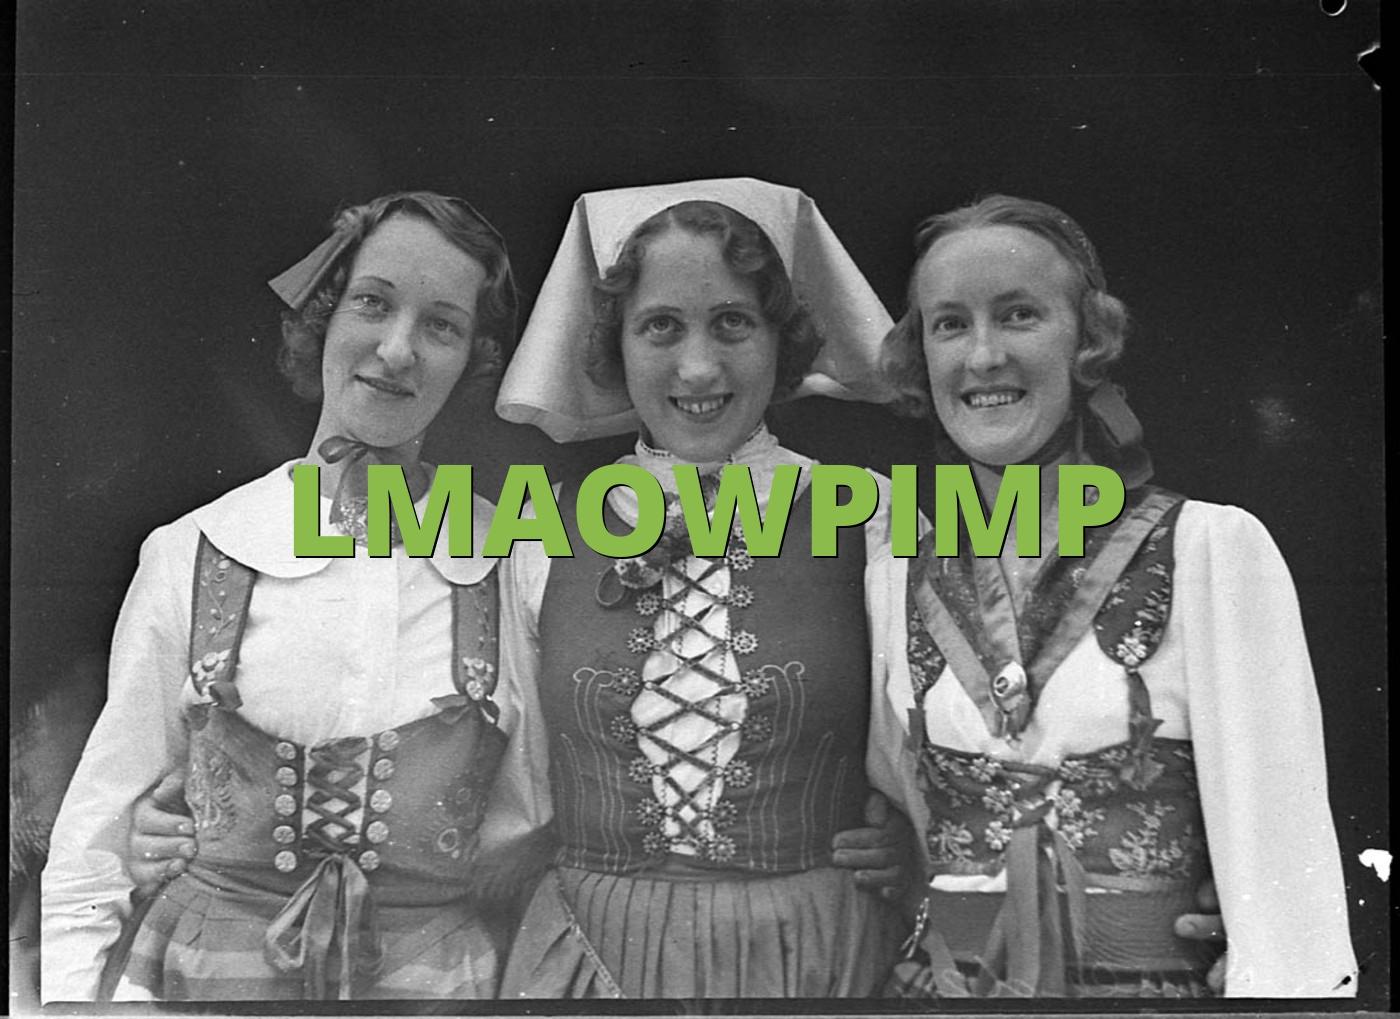 LMAOWPIMP